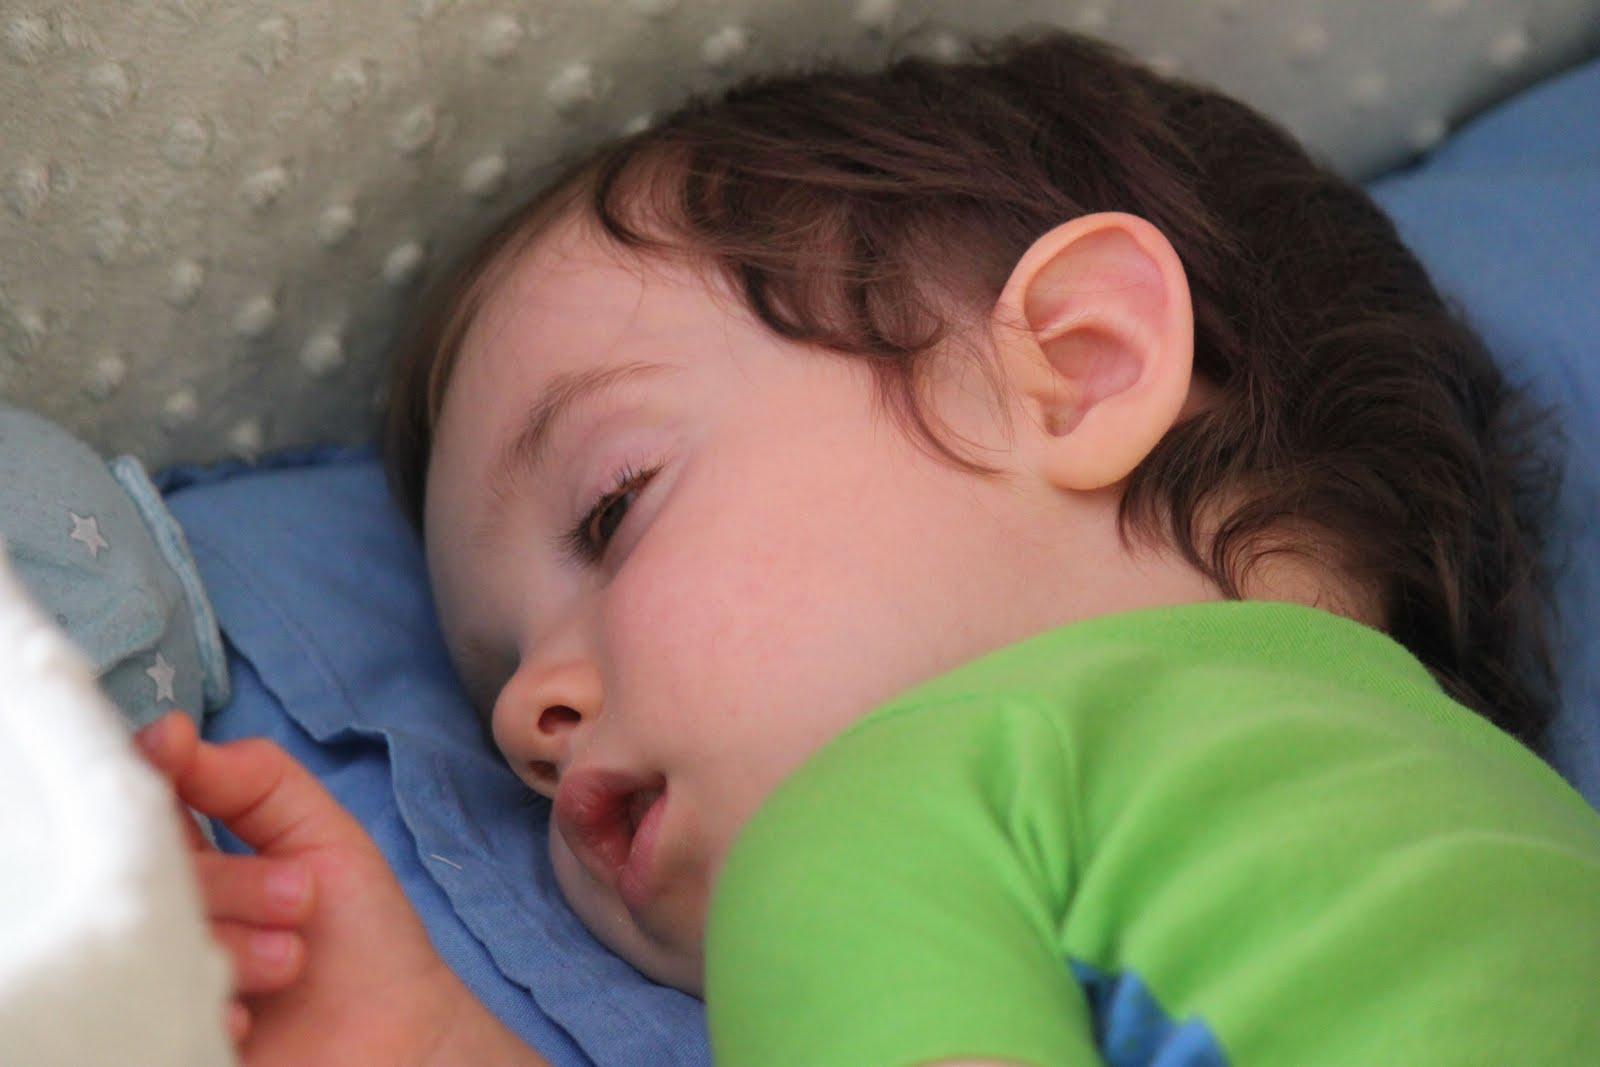 Если же 3хмесячный малыш пытается грызть руки, а ему не дают этого делать, то во взрослой жизни может развиться неуверенность в себе и другие комплексы.